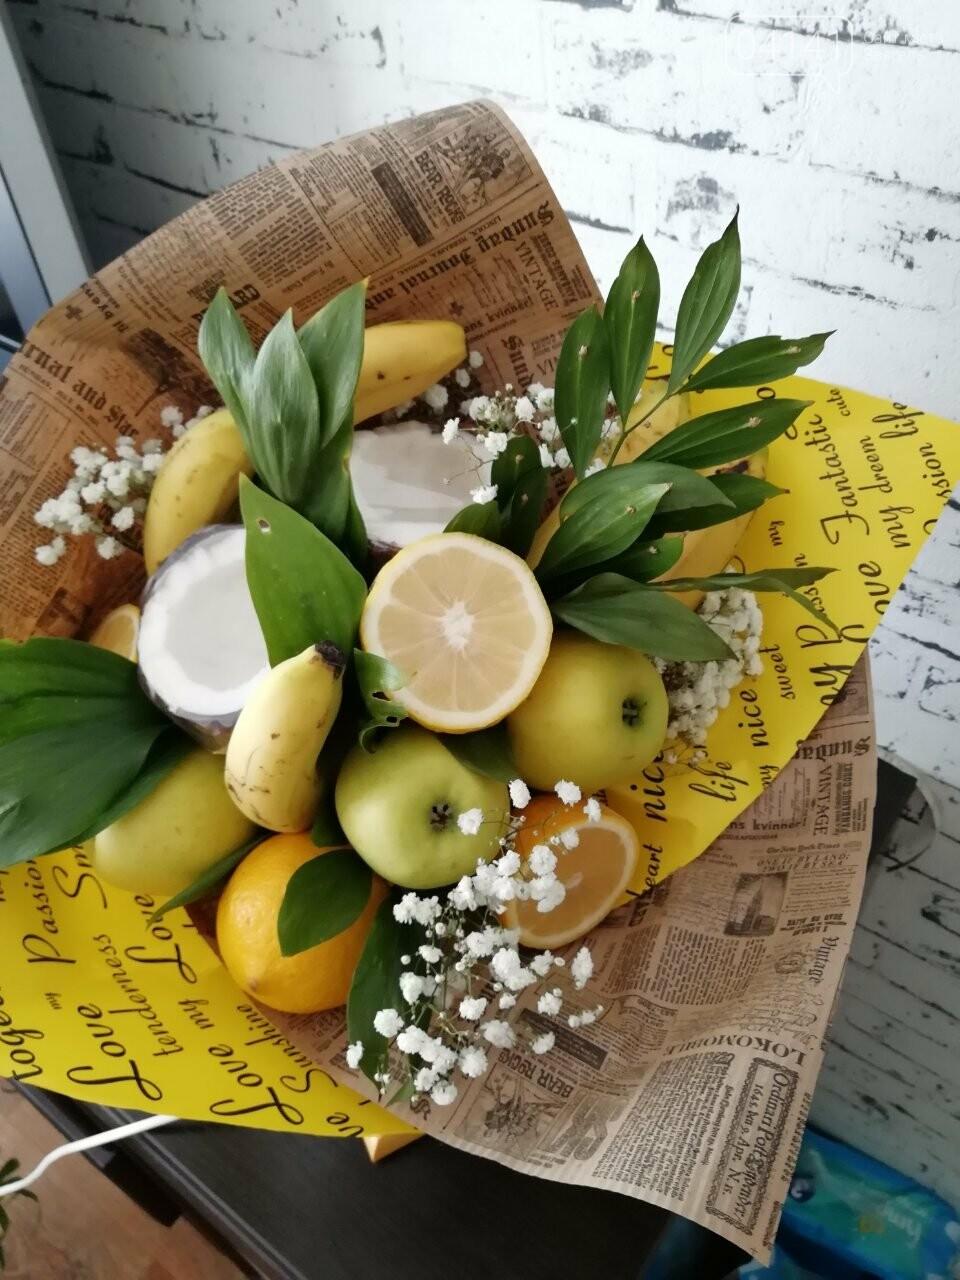 Знайомтеся, це Анна з Новограду - майстриня, яка створює неймовірні фруктові букети, фото-10